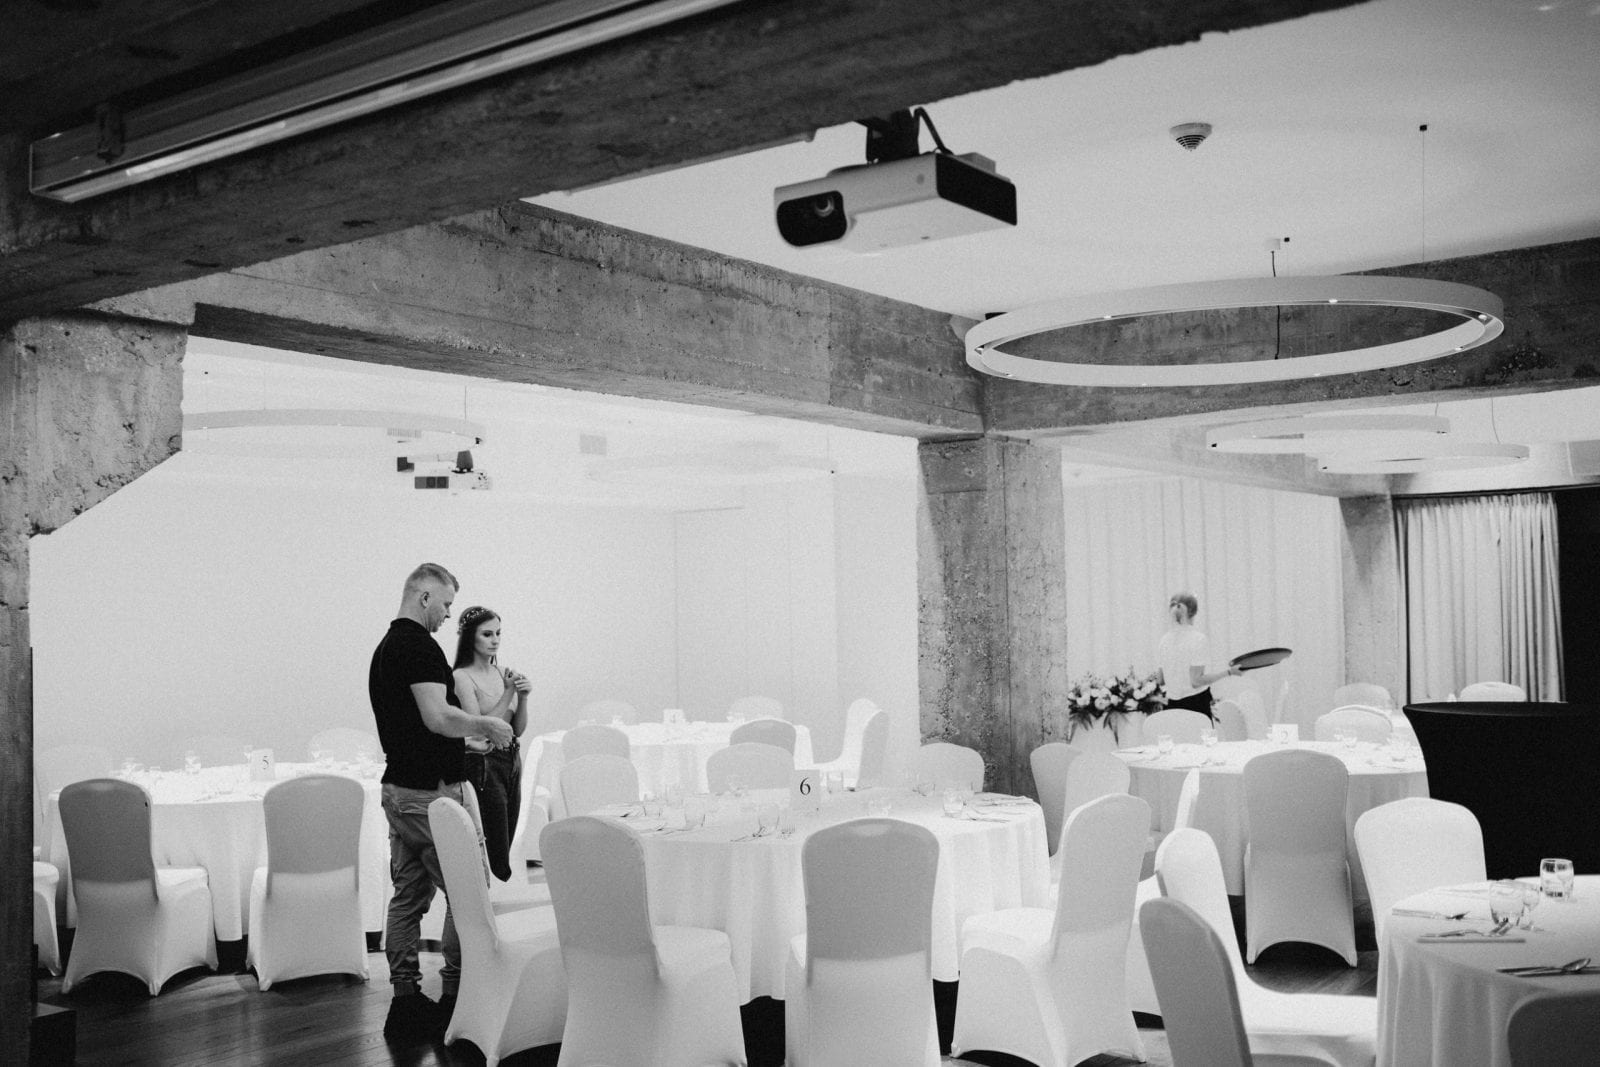 fotograf na ślub Toruń, fotograf ślubny Toruń Hotel Nicolaus, fotograf Toruń, Hotel Nicolaus, Najlepszy fotograf ślubny w Toruniu, sala weselna Toruń fotograf ślubny Toruń Hotel Nicolaus